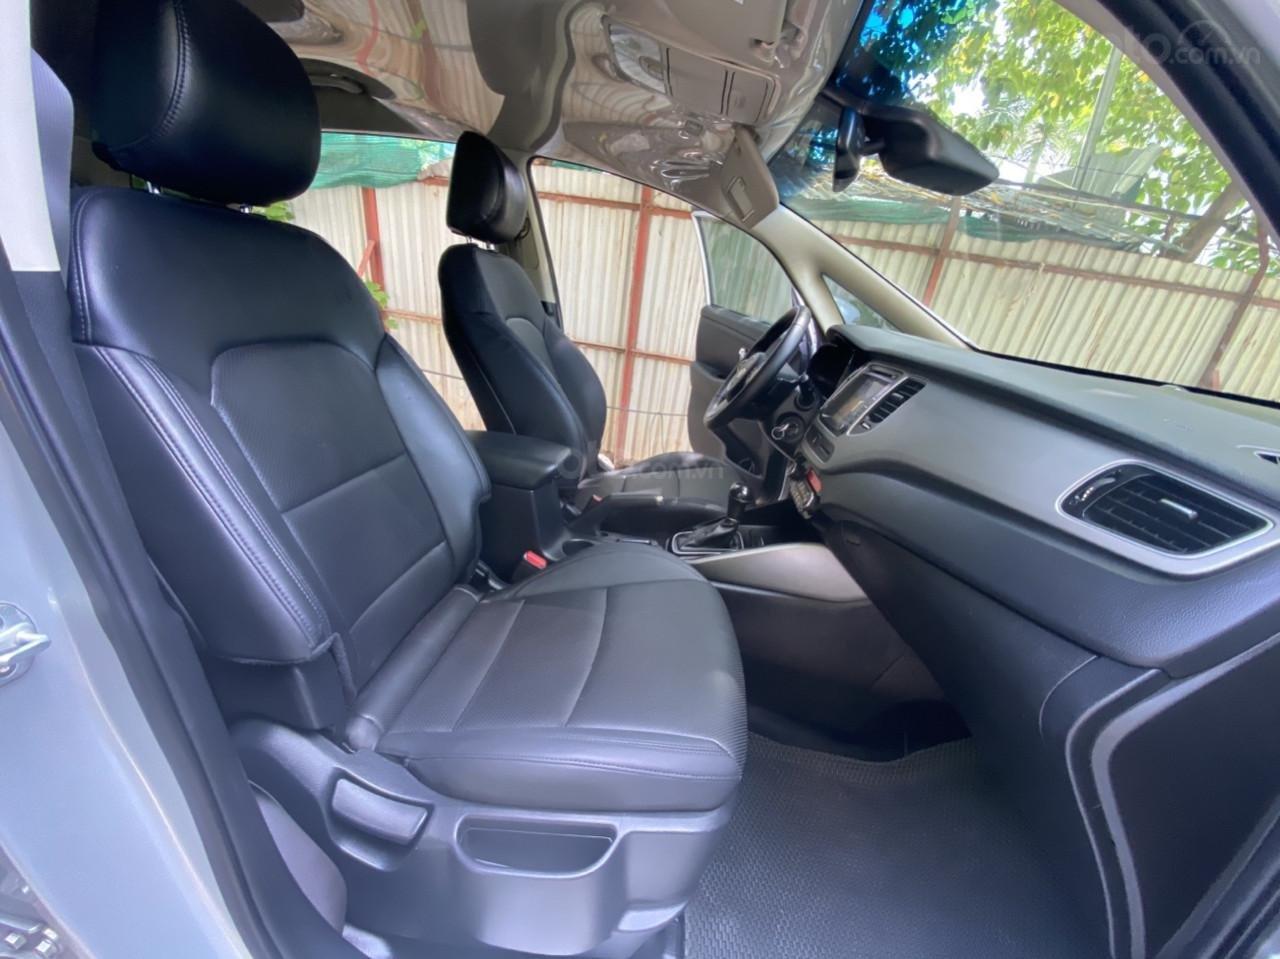 Cần bán xe Kia Rondo SX 2016, màu bạc, nội thất đen, máy dầu (7)